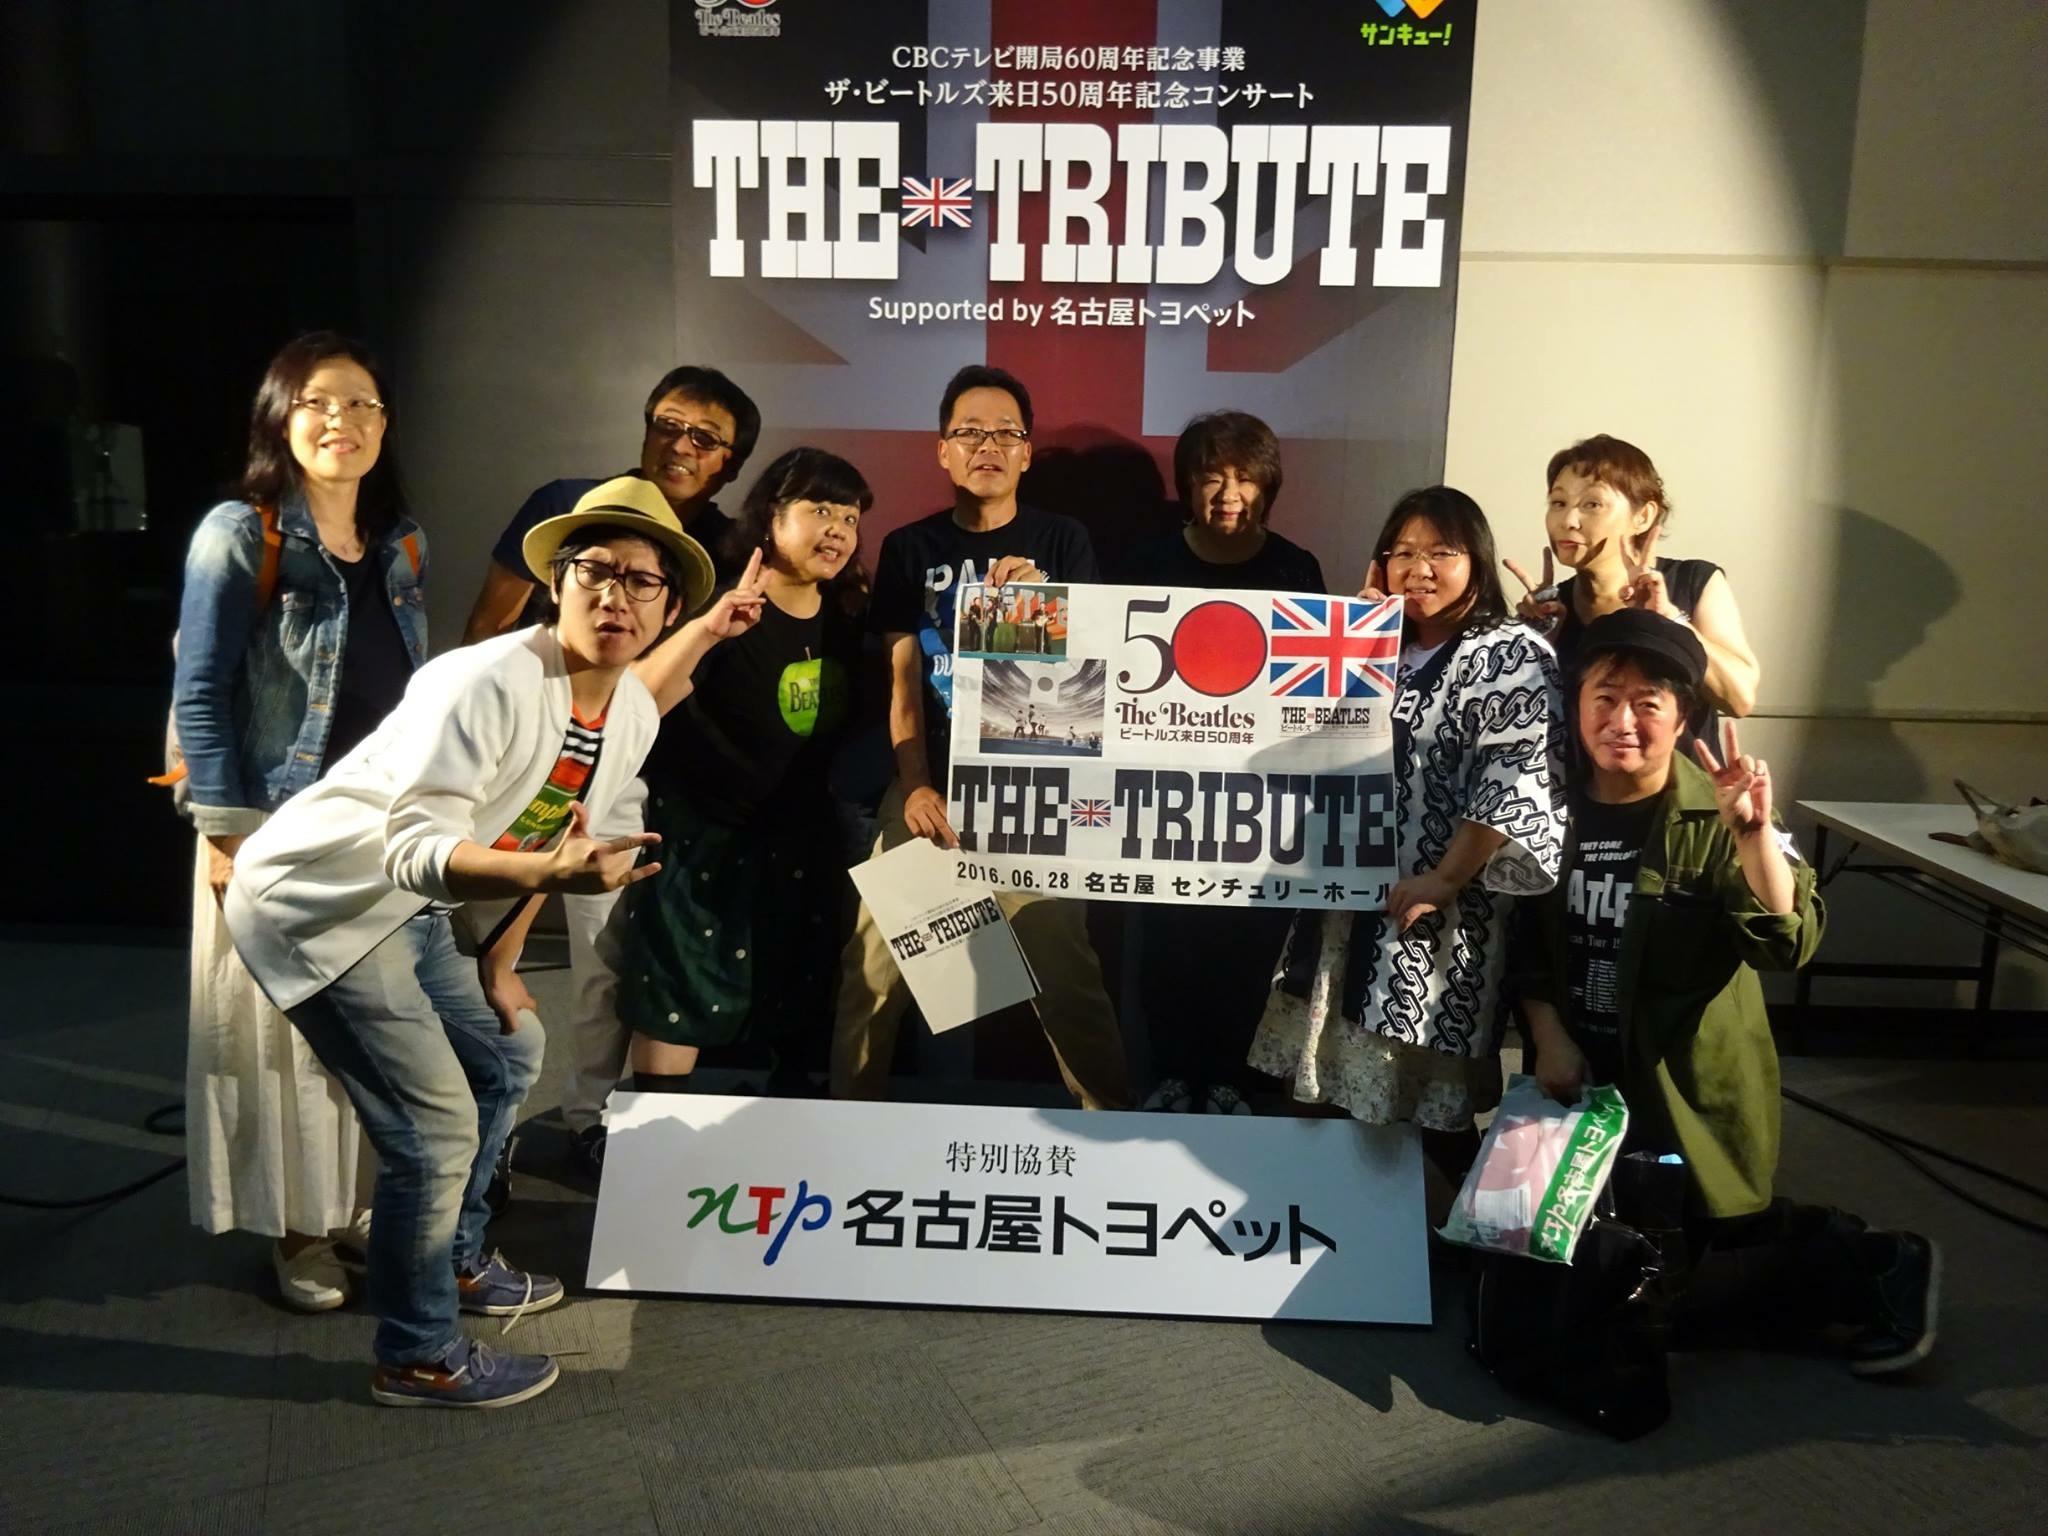 2016 6/28 THE TRIBUTE 集合写真 企画 名古屋会場